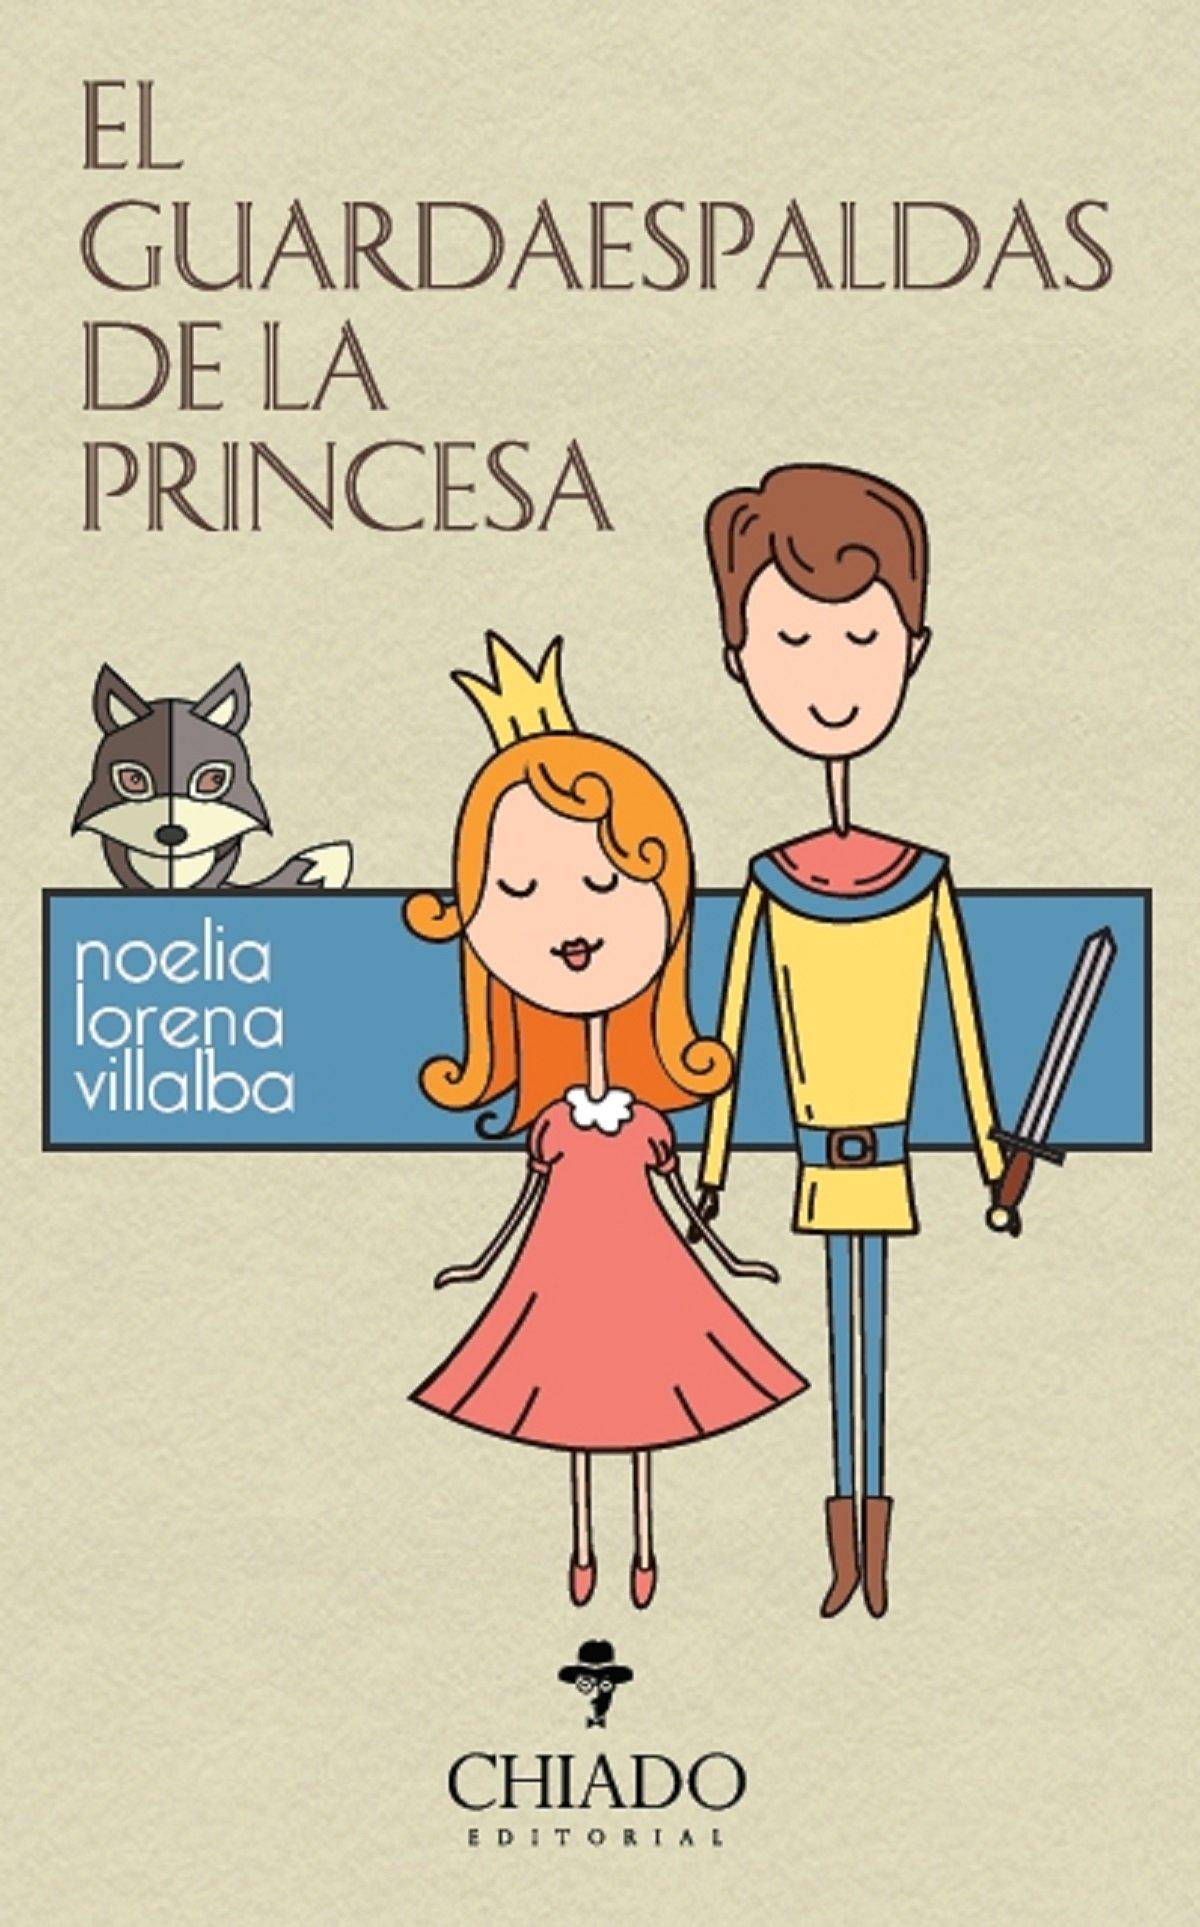 Resultado de imagen para el guardaespaldas de la princesa libro